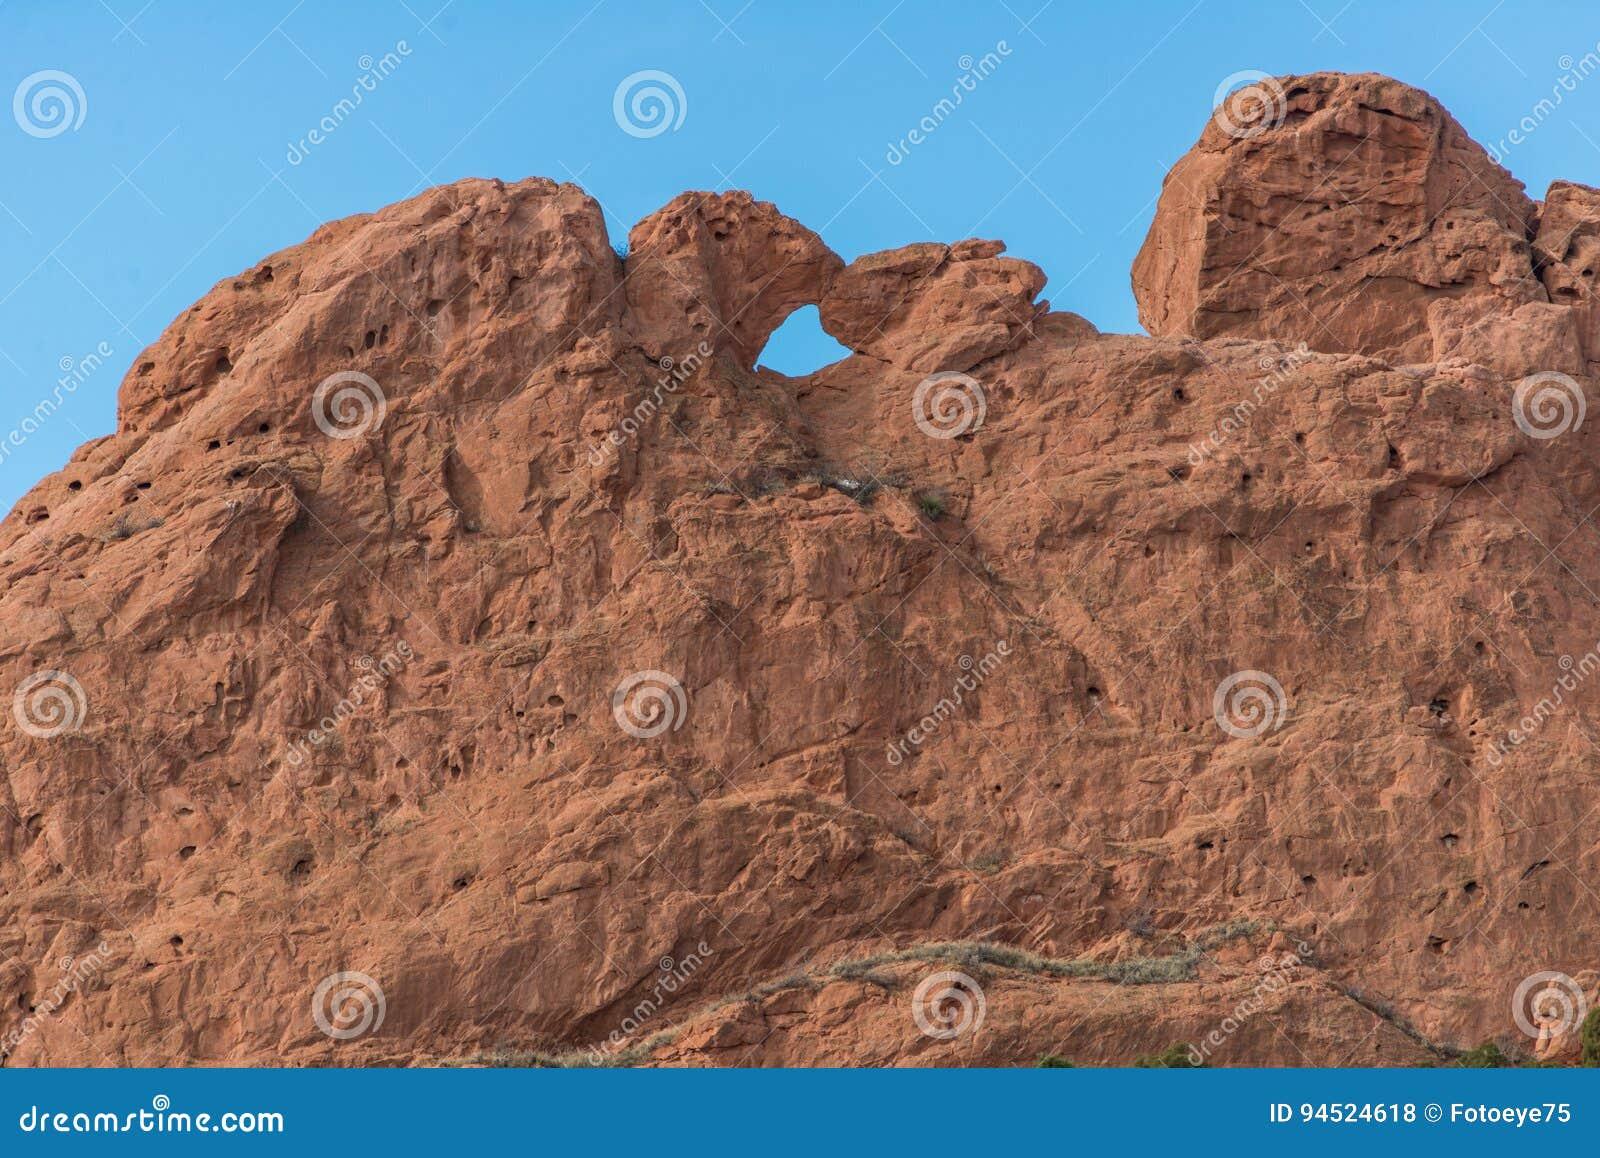 Besar El Jardín De Los Camellos De Dioses Colorado Springs Foto de ...